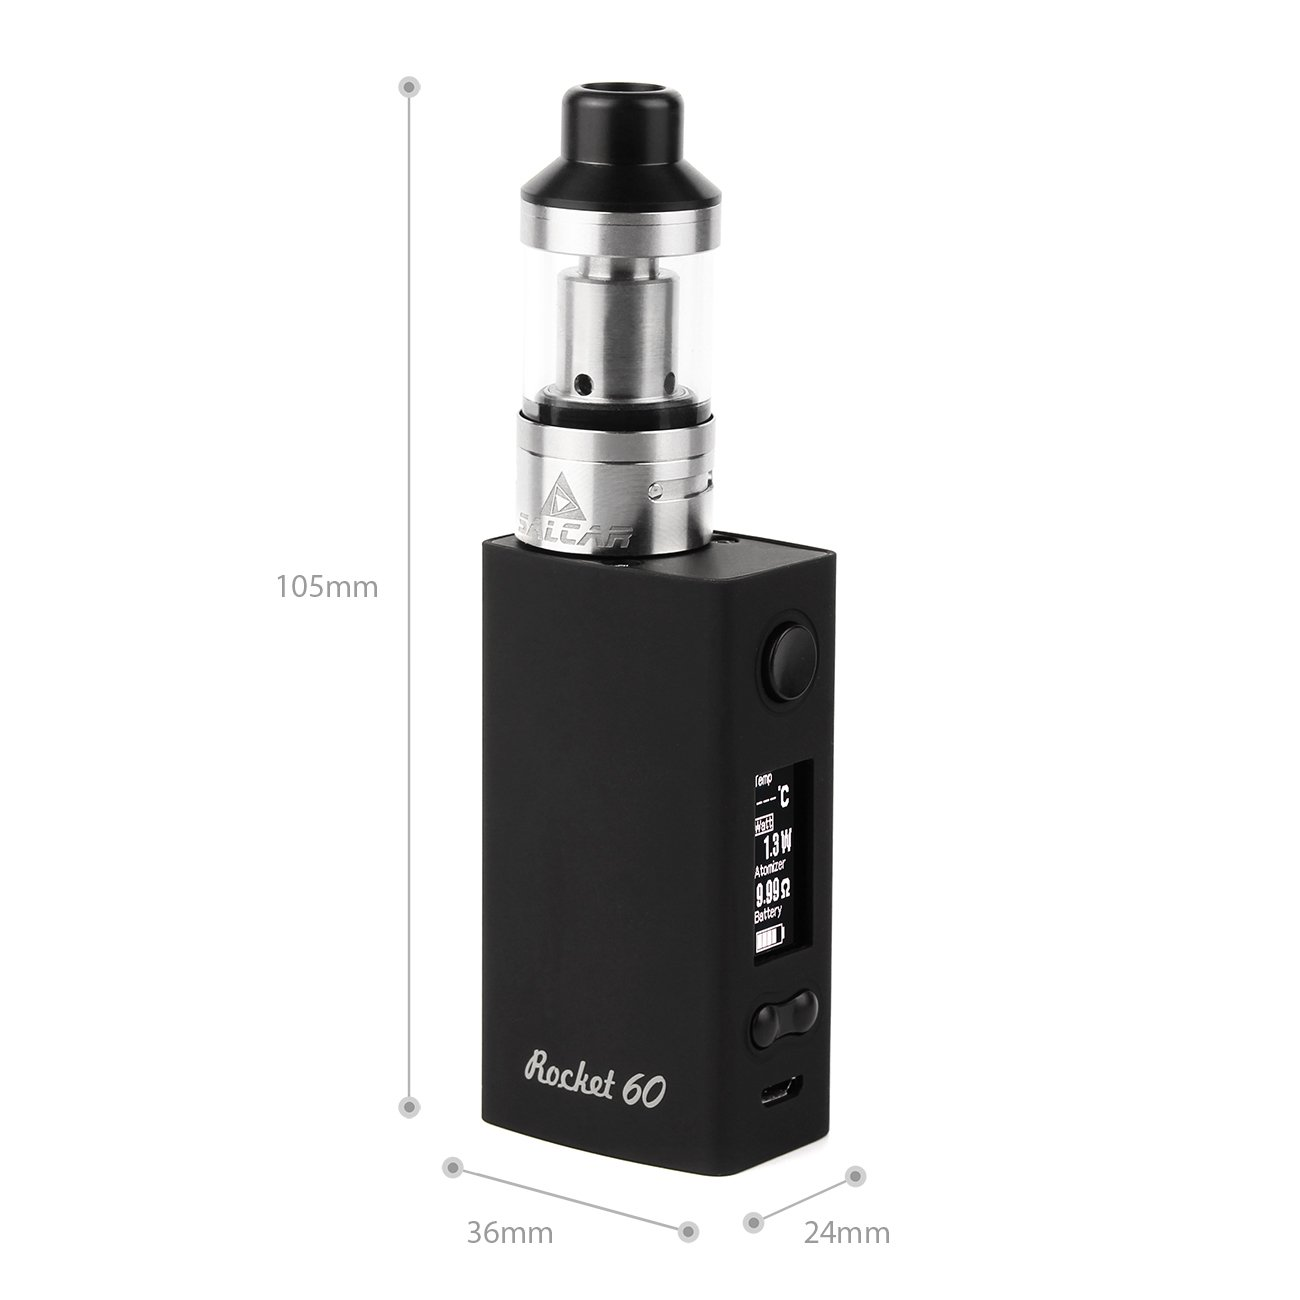 Salcar Rocket 60 Mod Kit de iniciación de Cigarrillo Electrónico 60w, Vaporizador de 0.3ohm/2ml, batería incorporada de 2000mAh, 0,00 mg Nicotina (nergo): ...